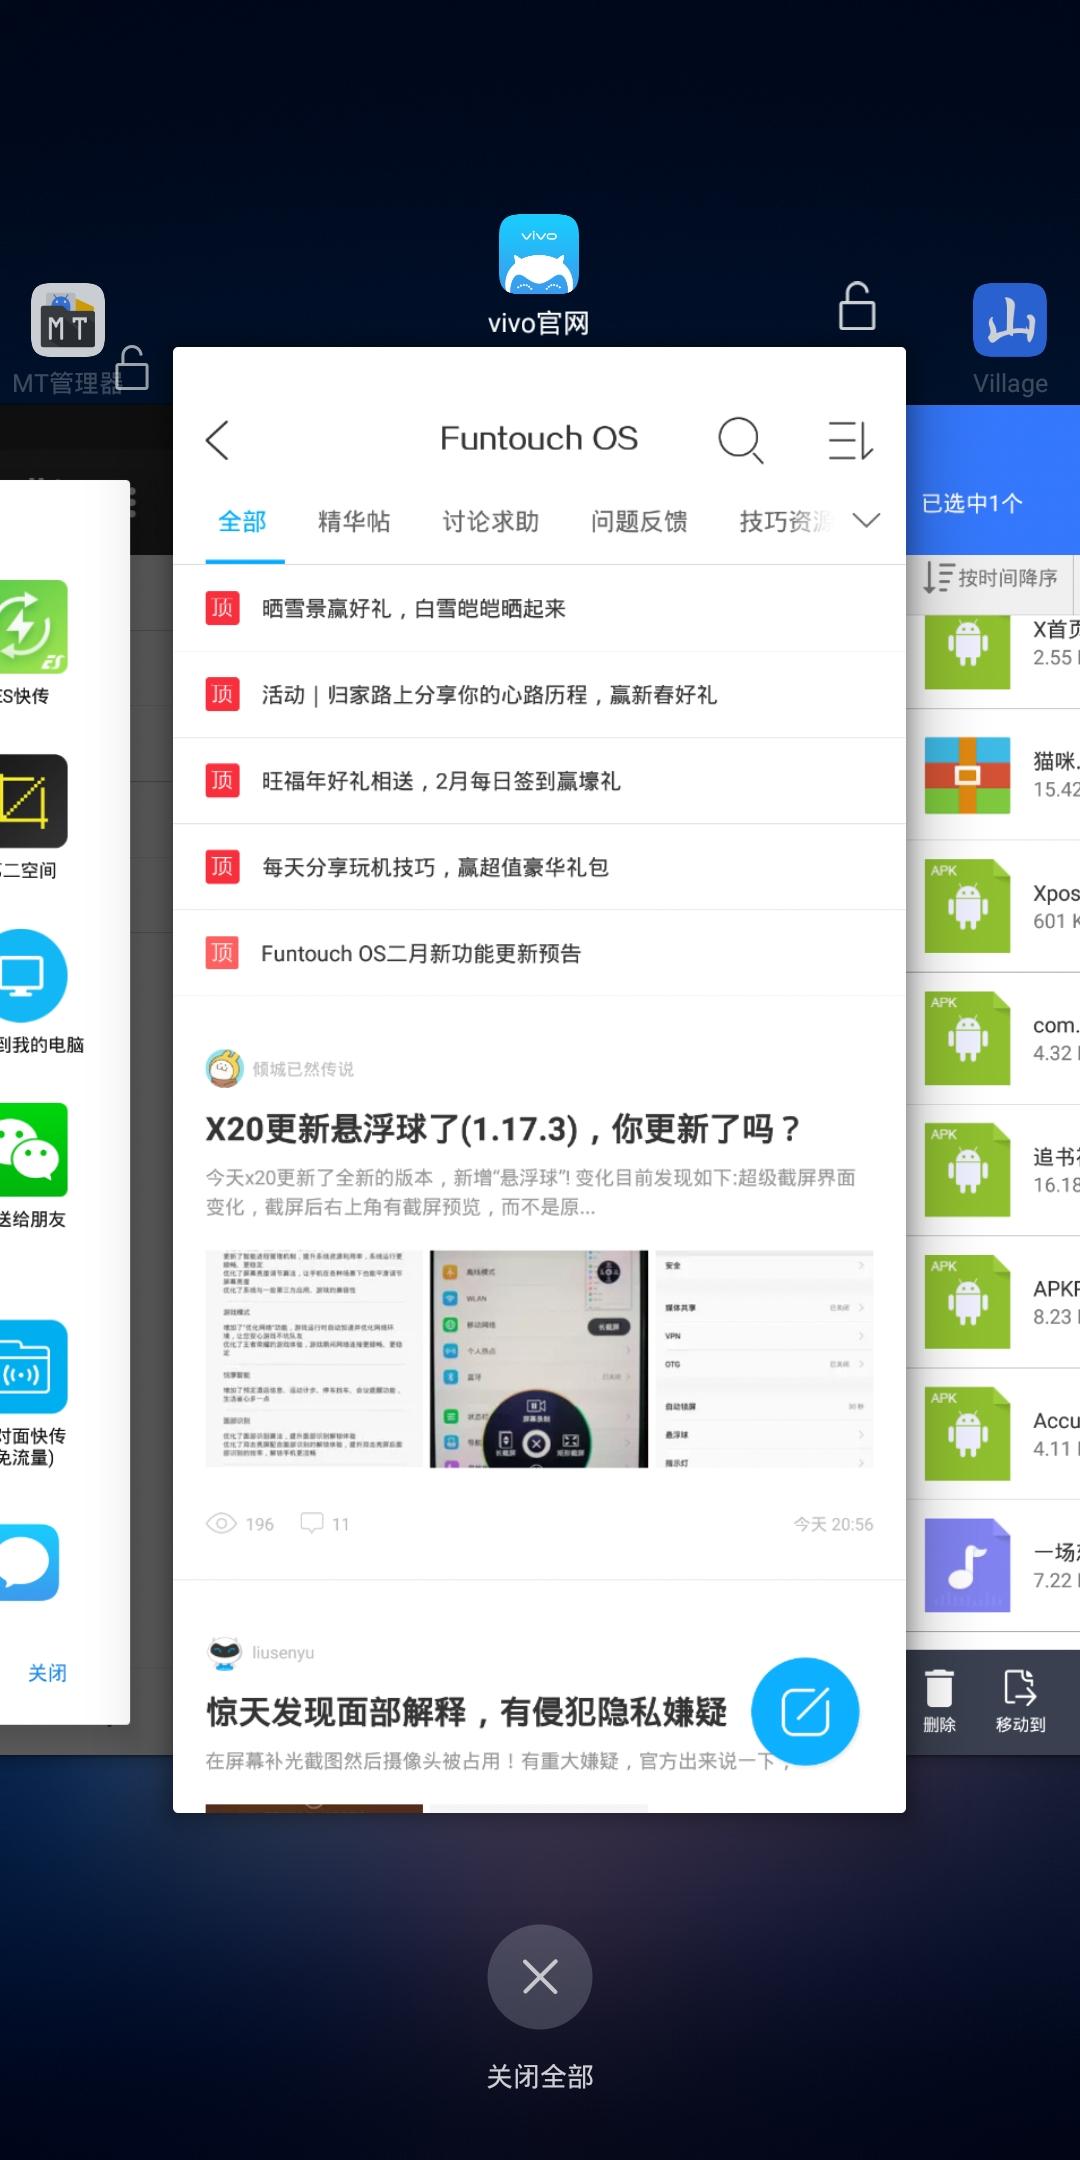 Screenshot_20180206_230554.jpg